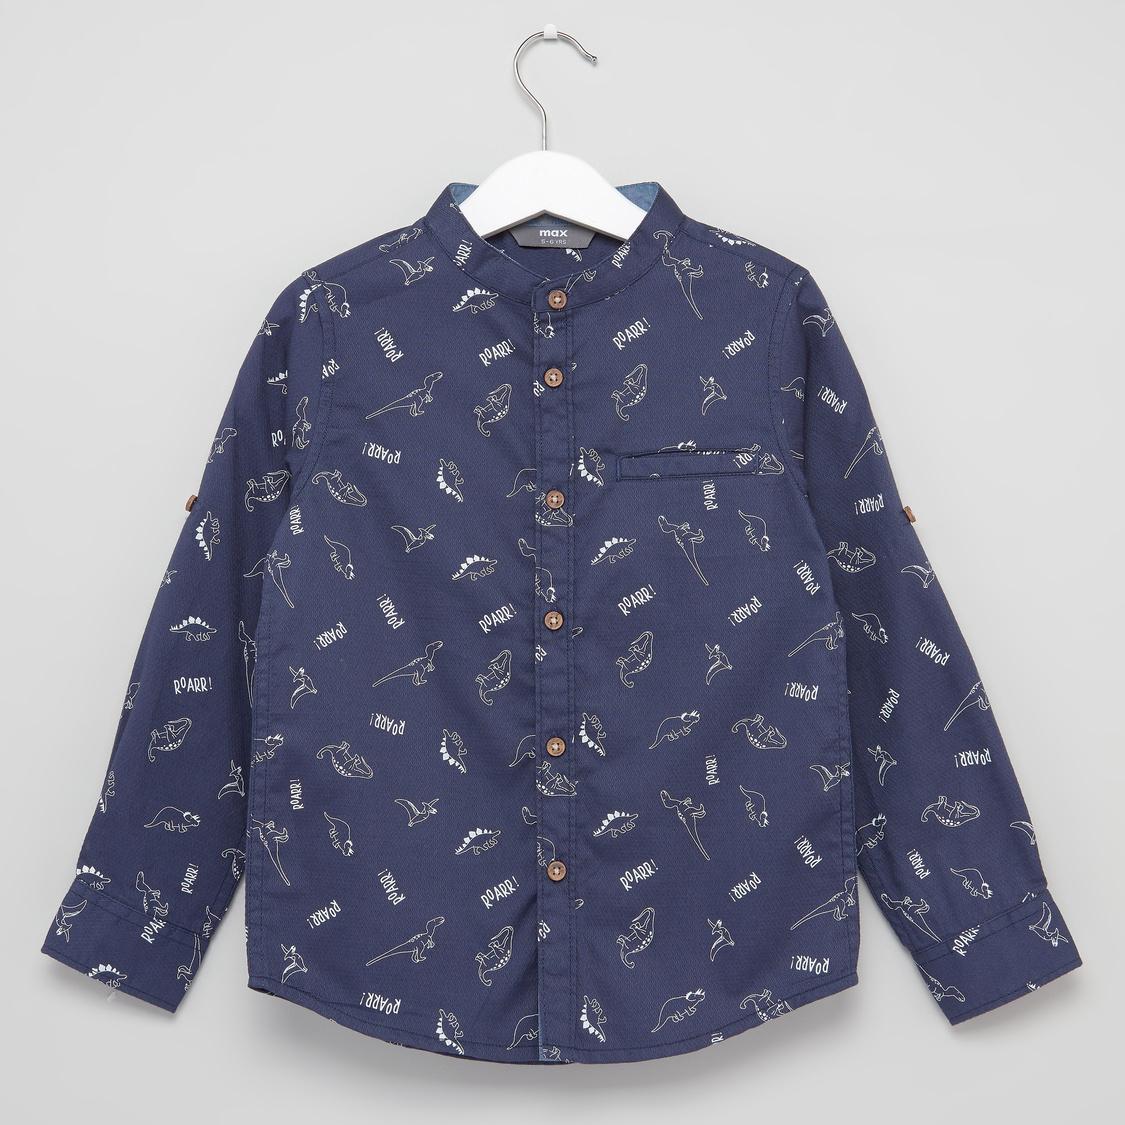 قميص بياقة ماندارين بطبعات وأكمام طويلة